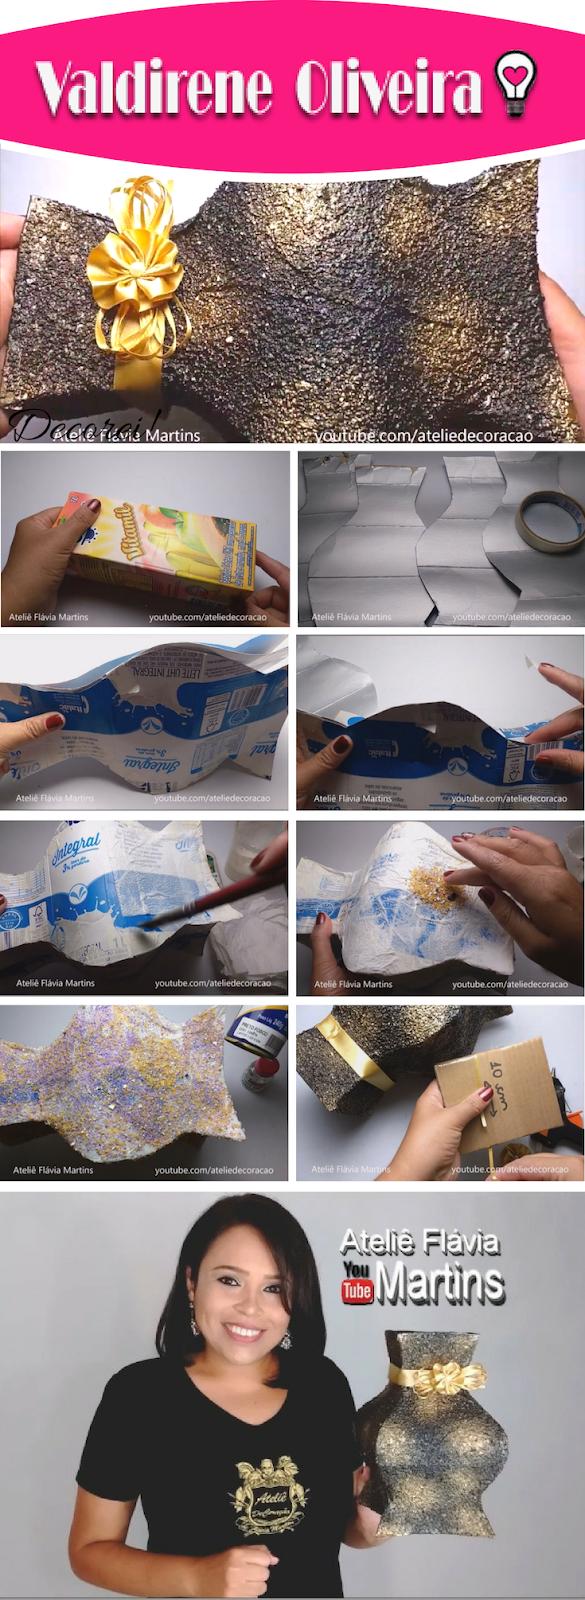 Passo a passo do vaso feito com caixa de leite pela artesã by Flávia Martins